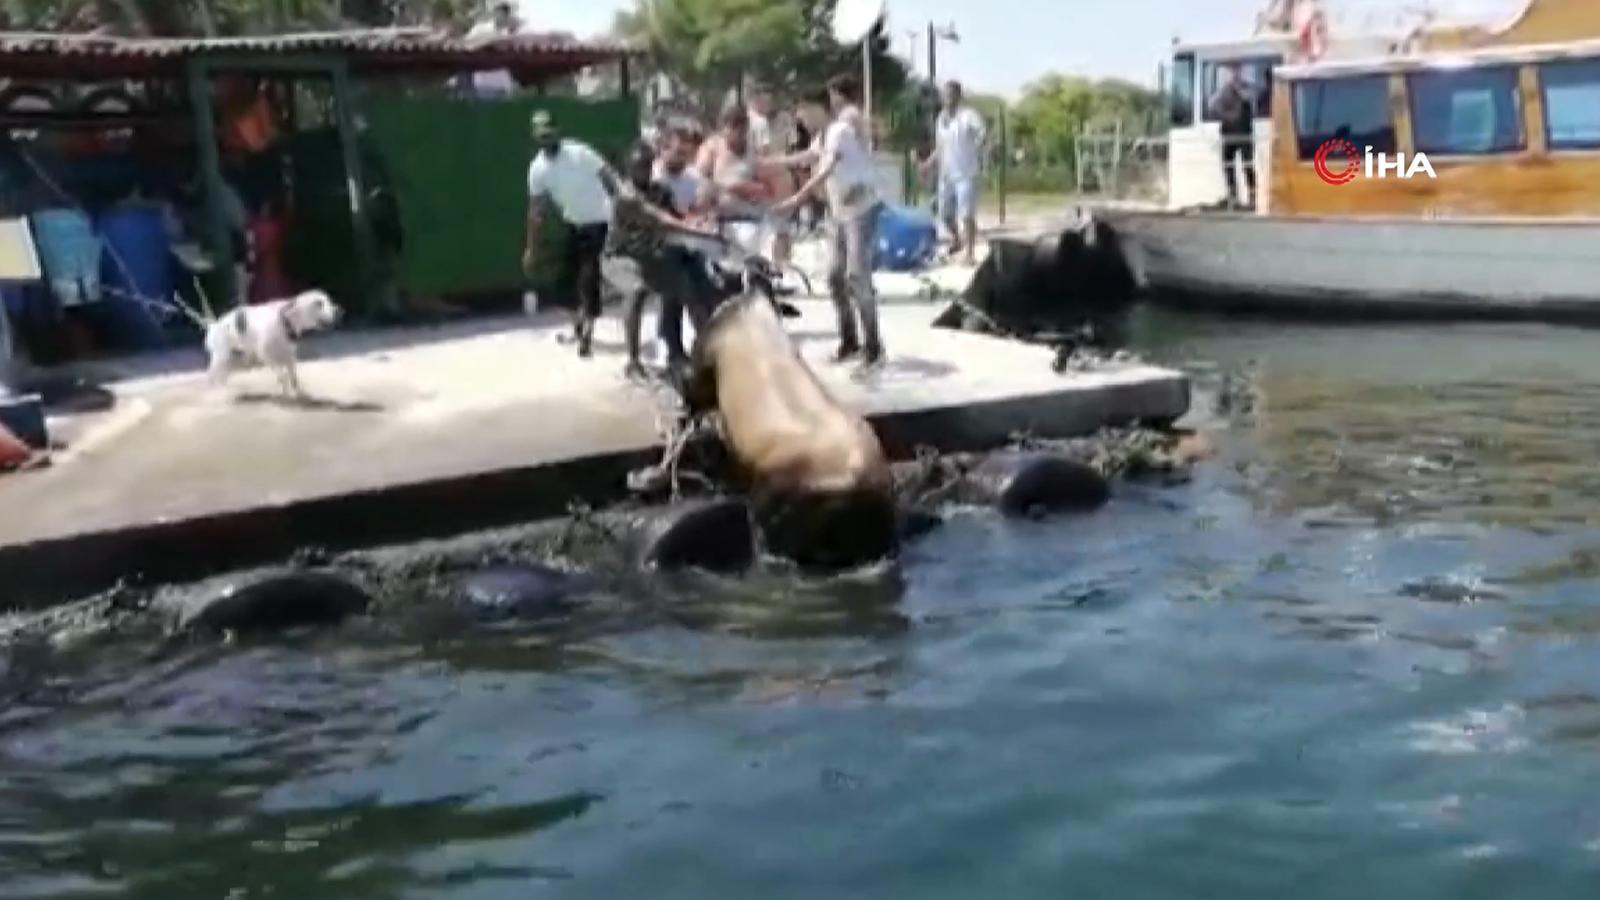 Kurbanlık dana Kasımpaşa'dan denize atlayıp Balat'a kadar yüzdü!